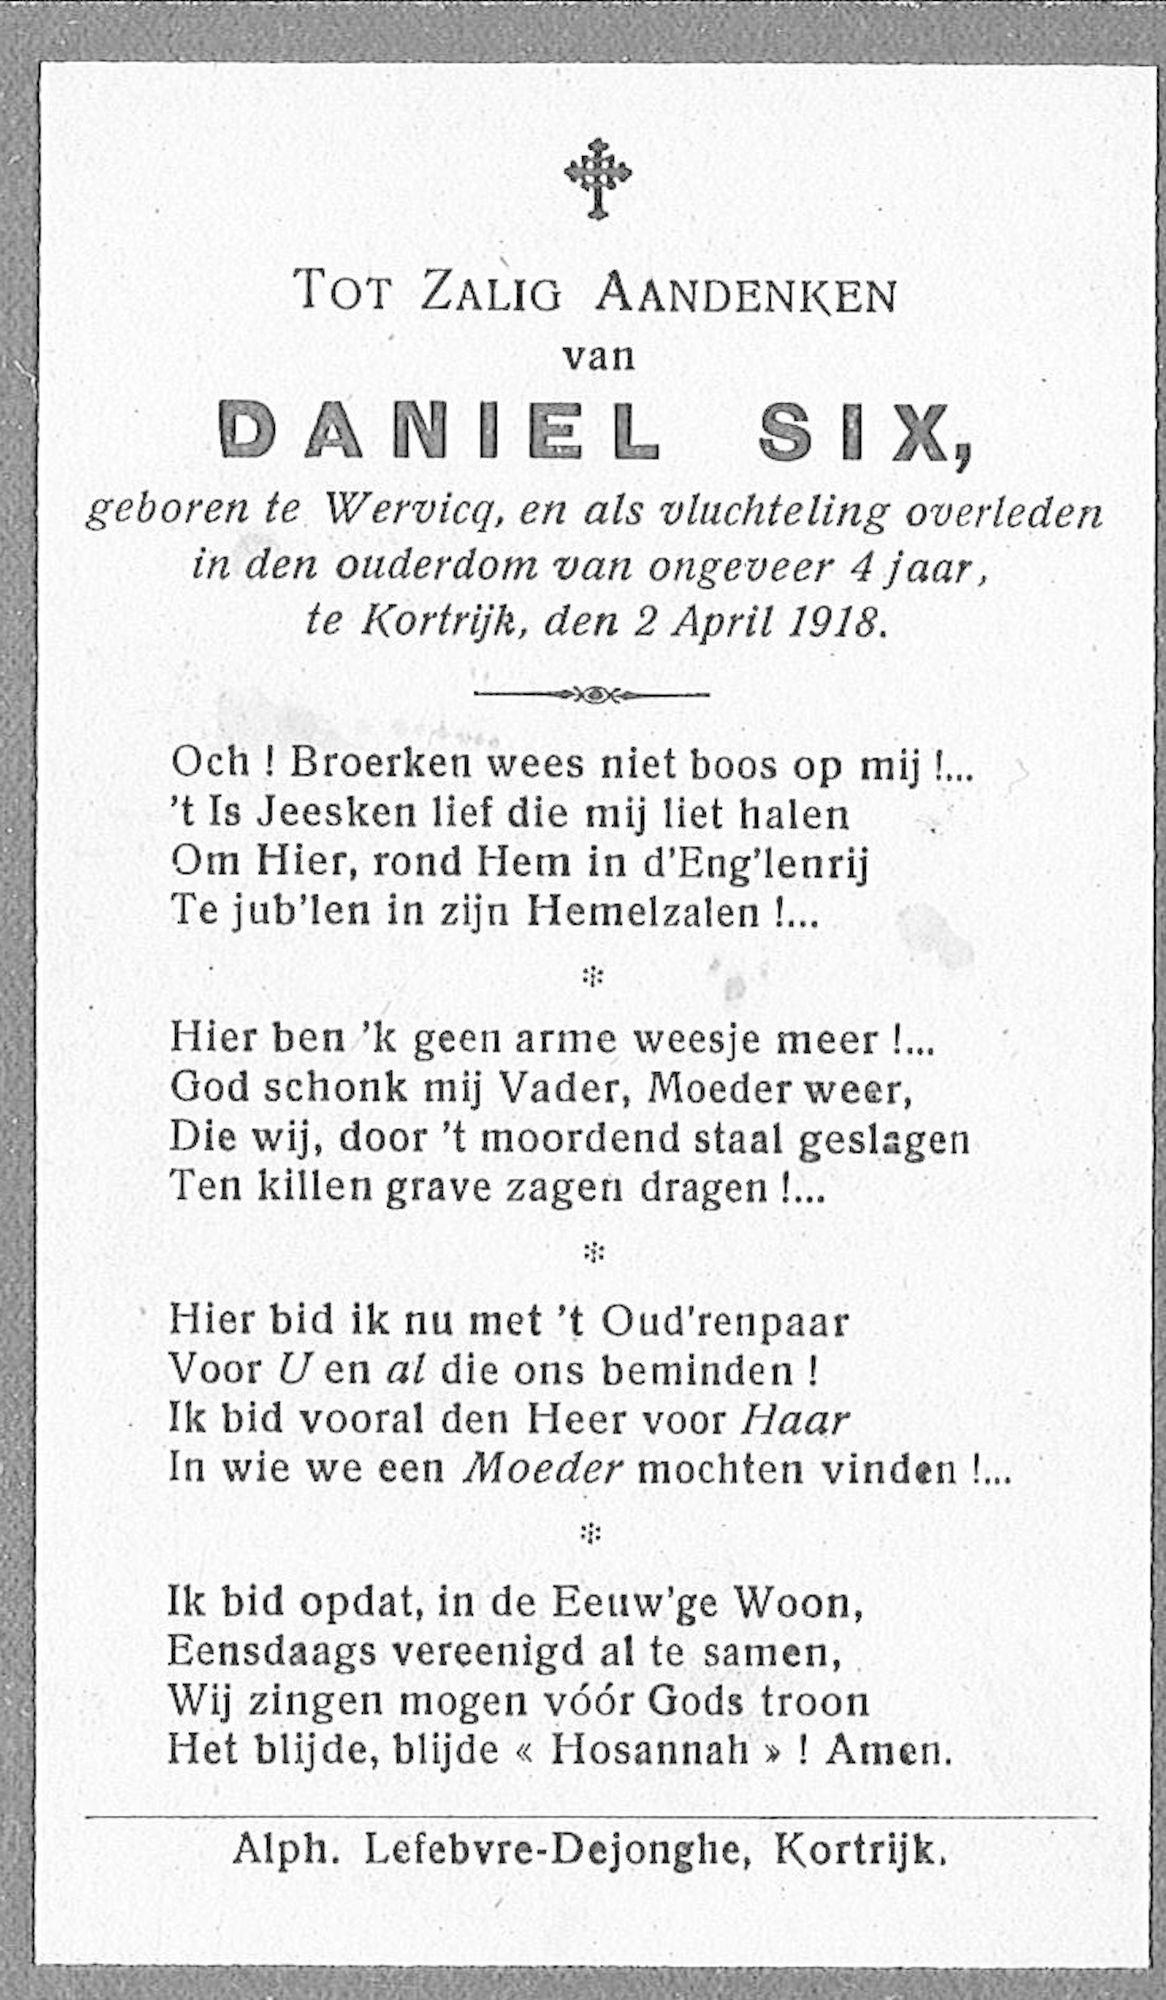 Daniel Six